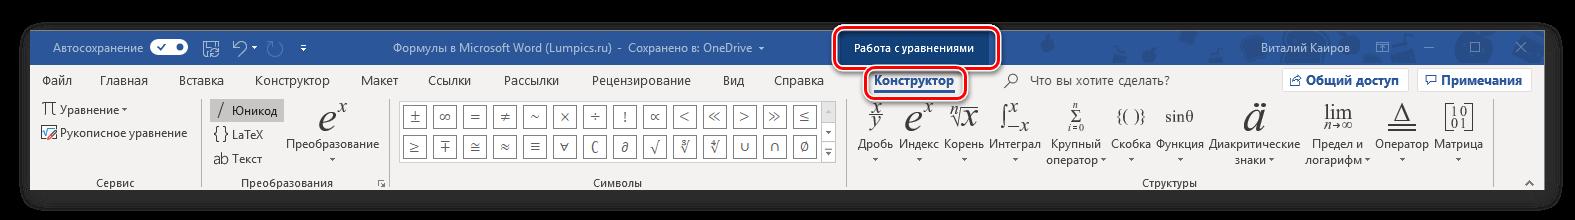 Instrumenty-vo-vkladke-Konstruktor-programmy-Microsoft-Word.png